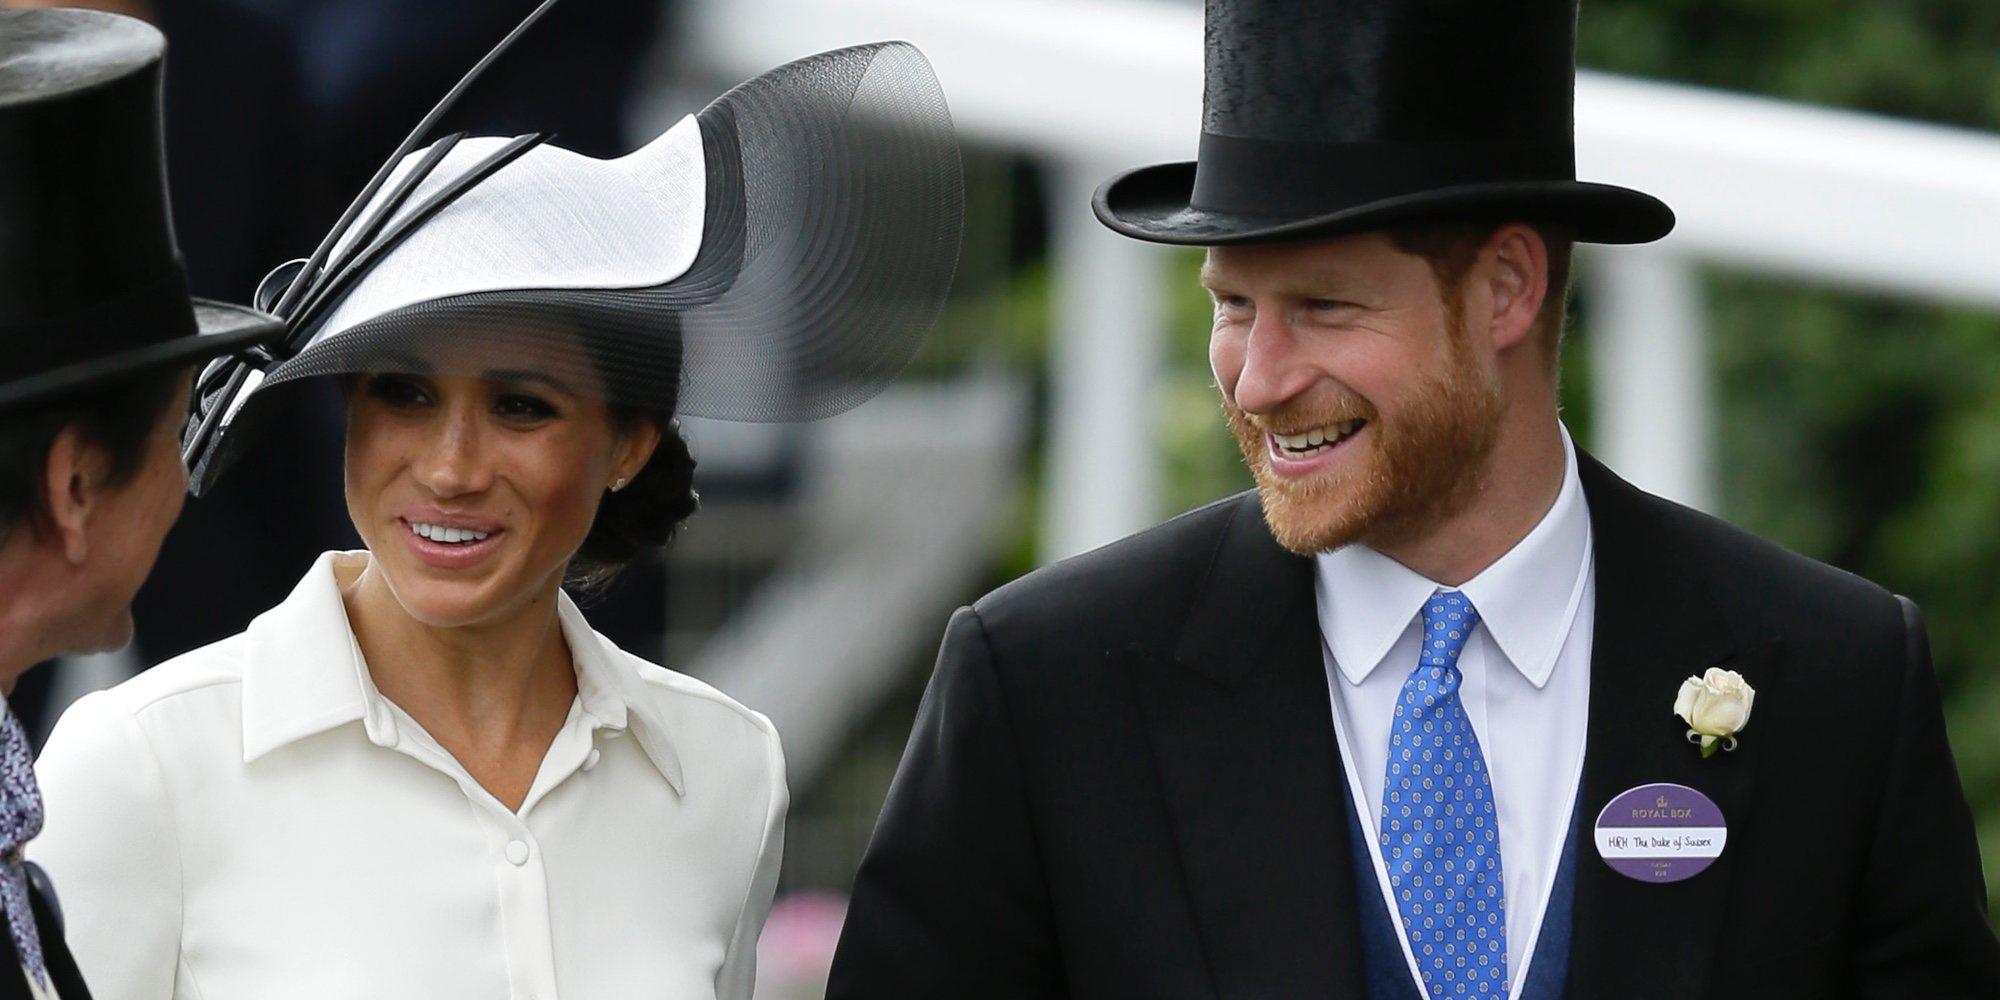 El gran estreno de Meghan Markle como Duquesa en Ascot: sombrero y vestido en blanco y negro